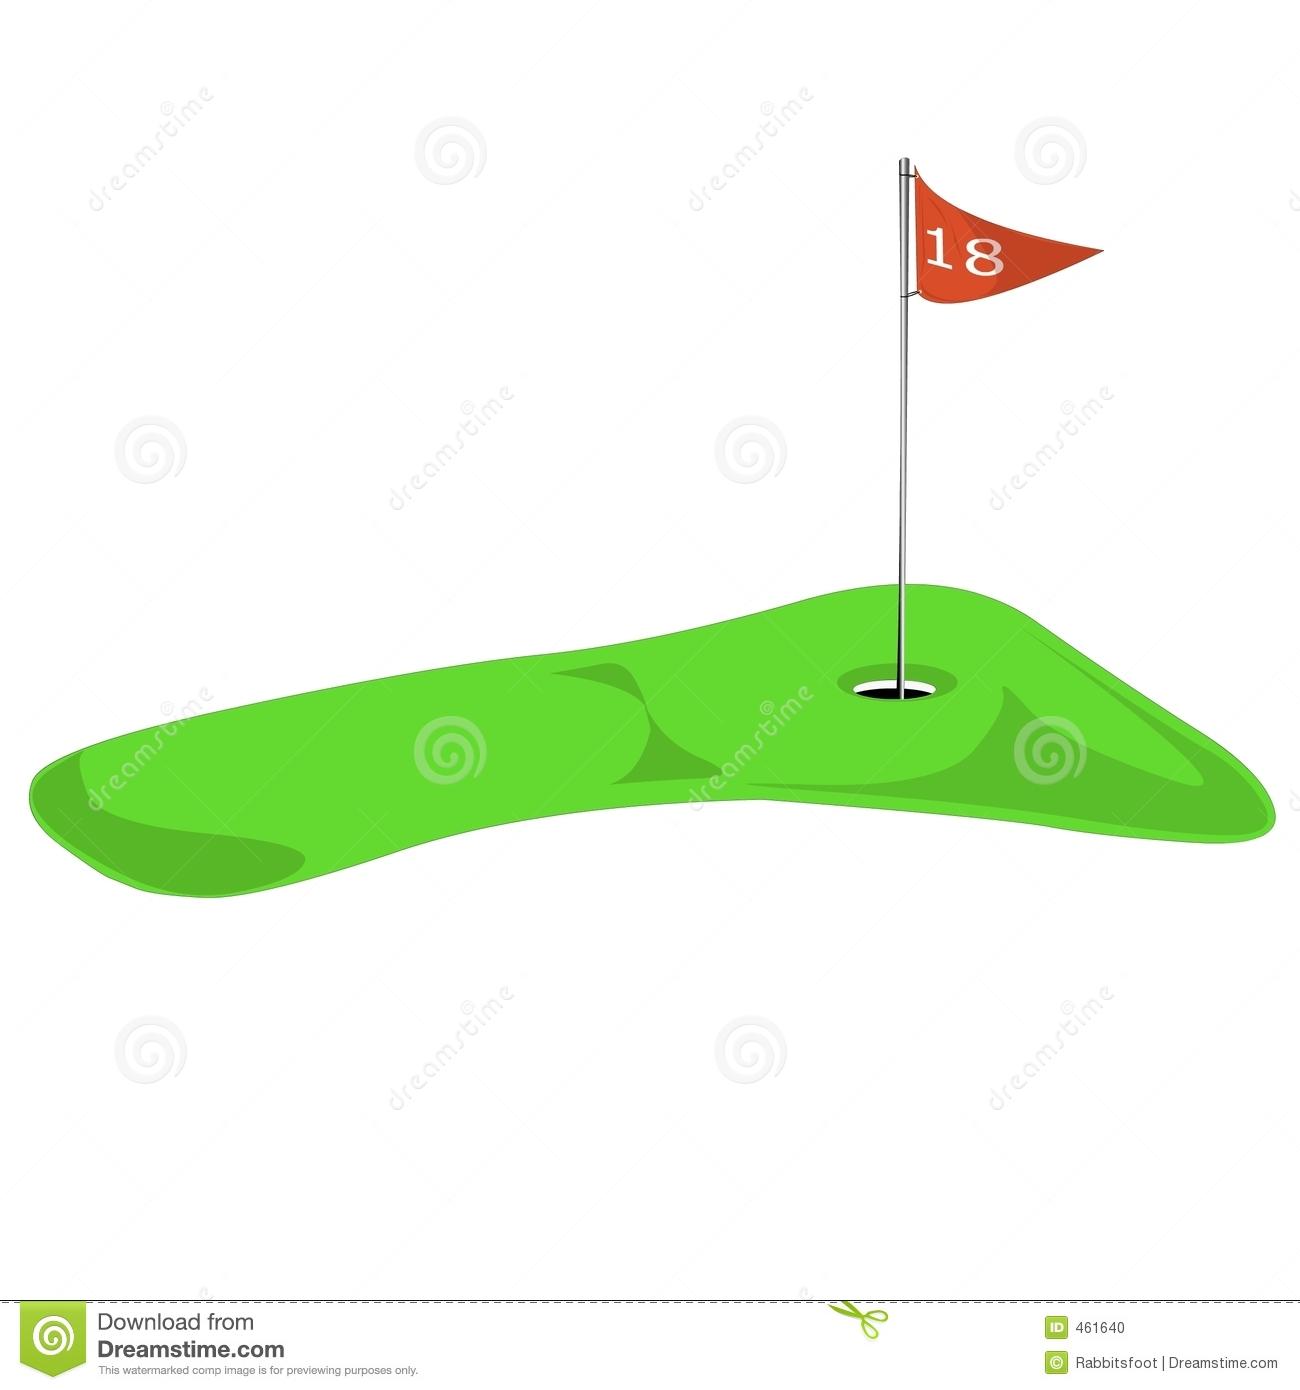 Golf Course clipart putting green Clipart Panda Art Golf Clipart